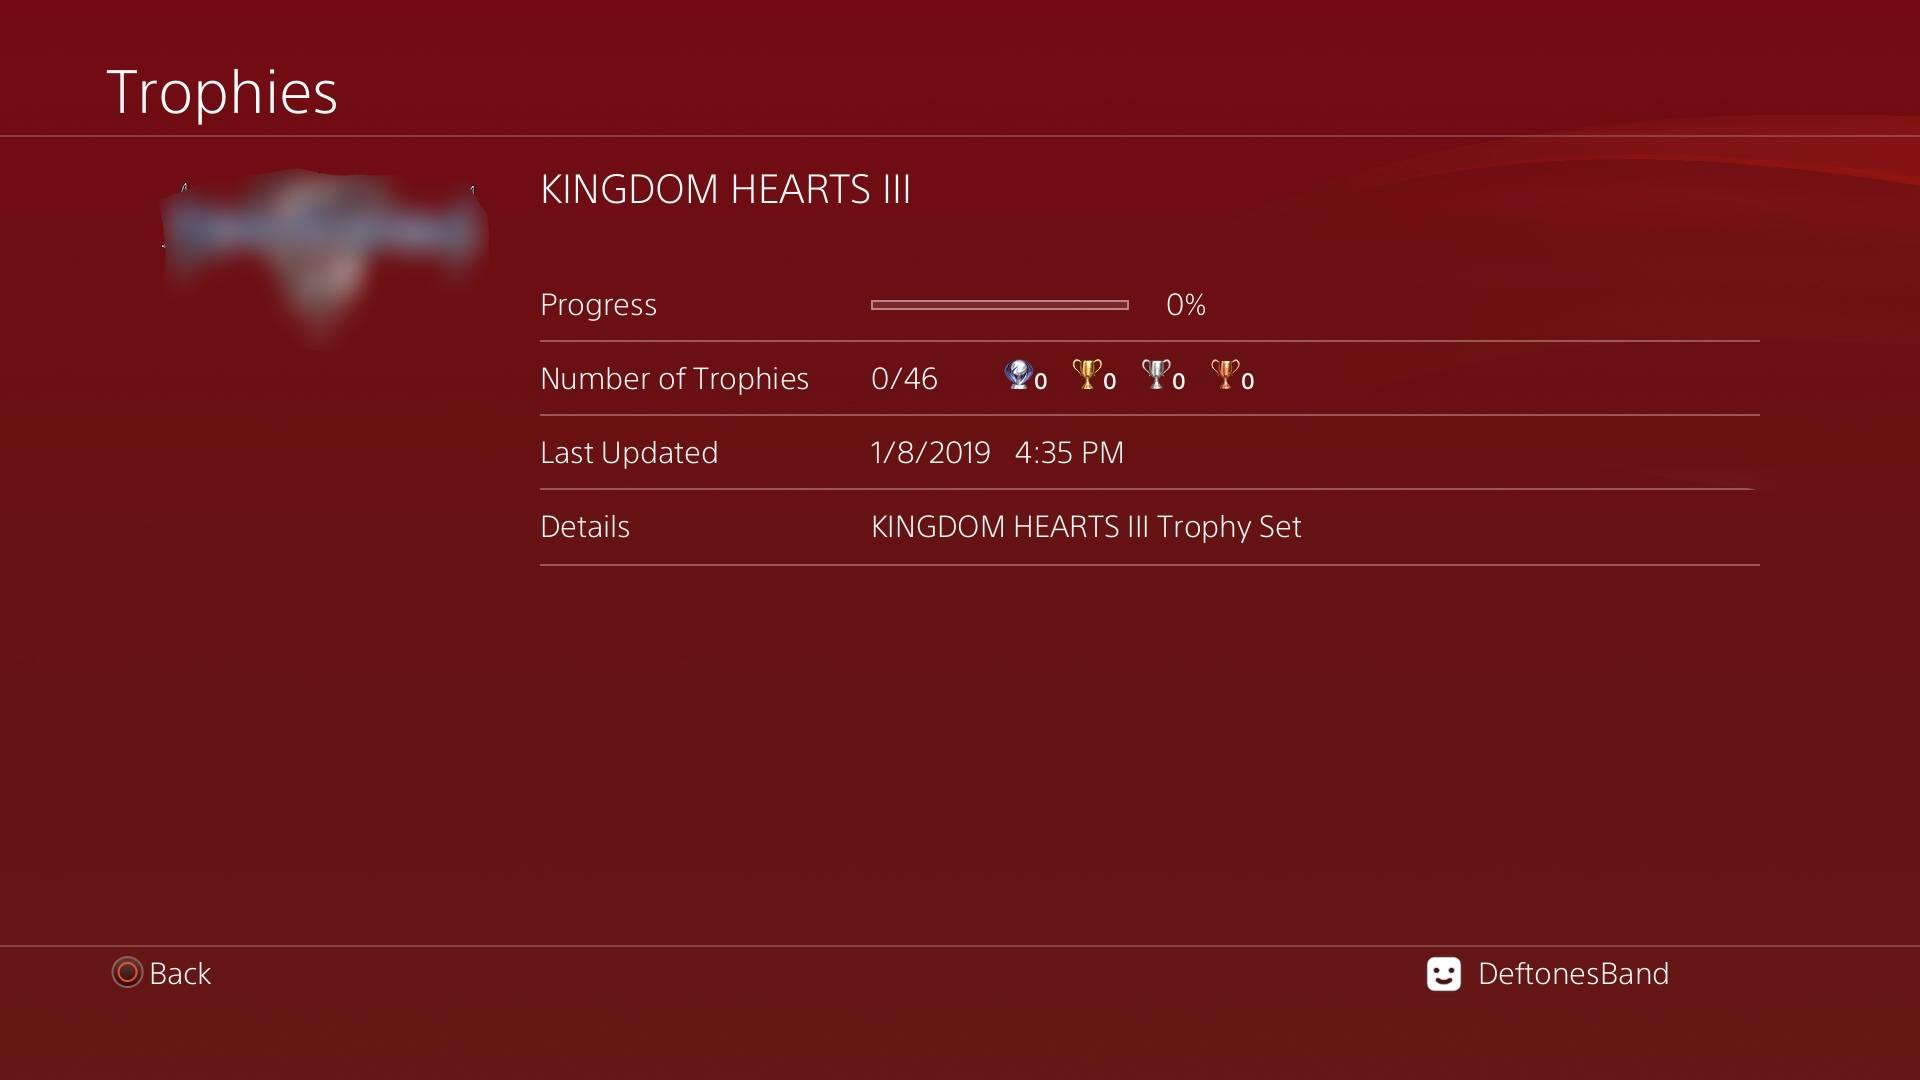 《王国之心3》全奖杯列表流出 解锁条件一览